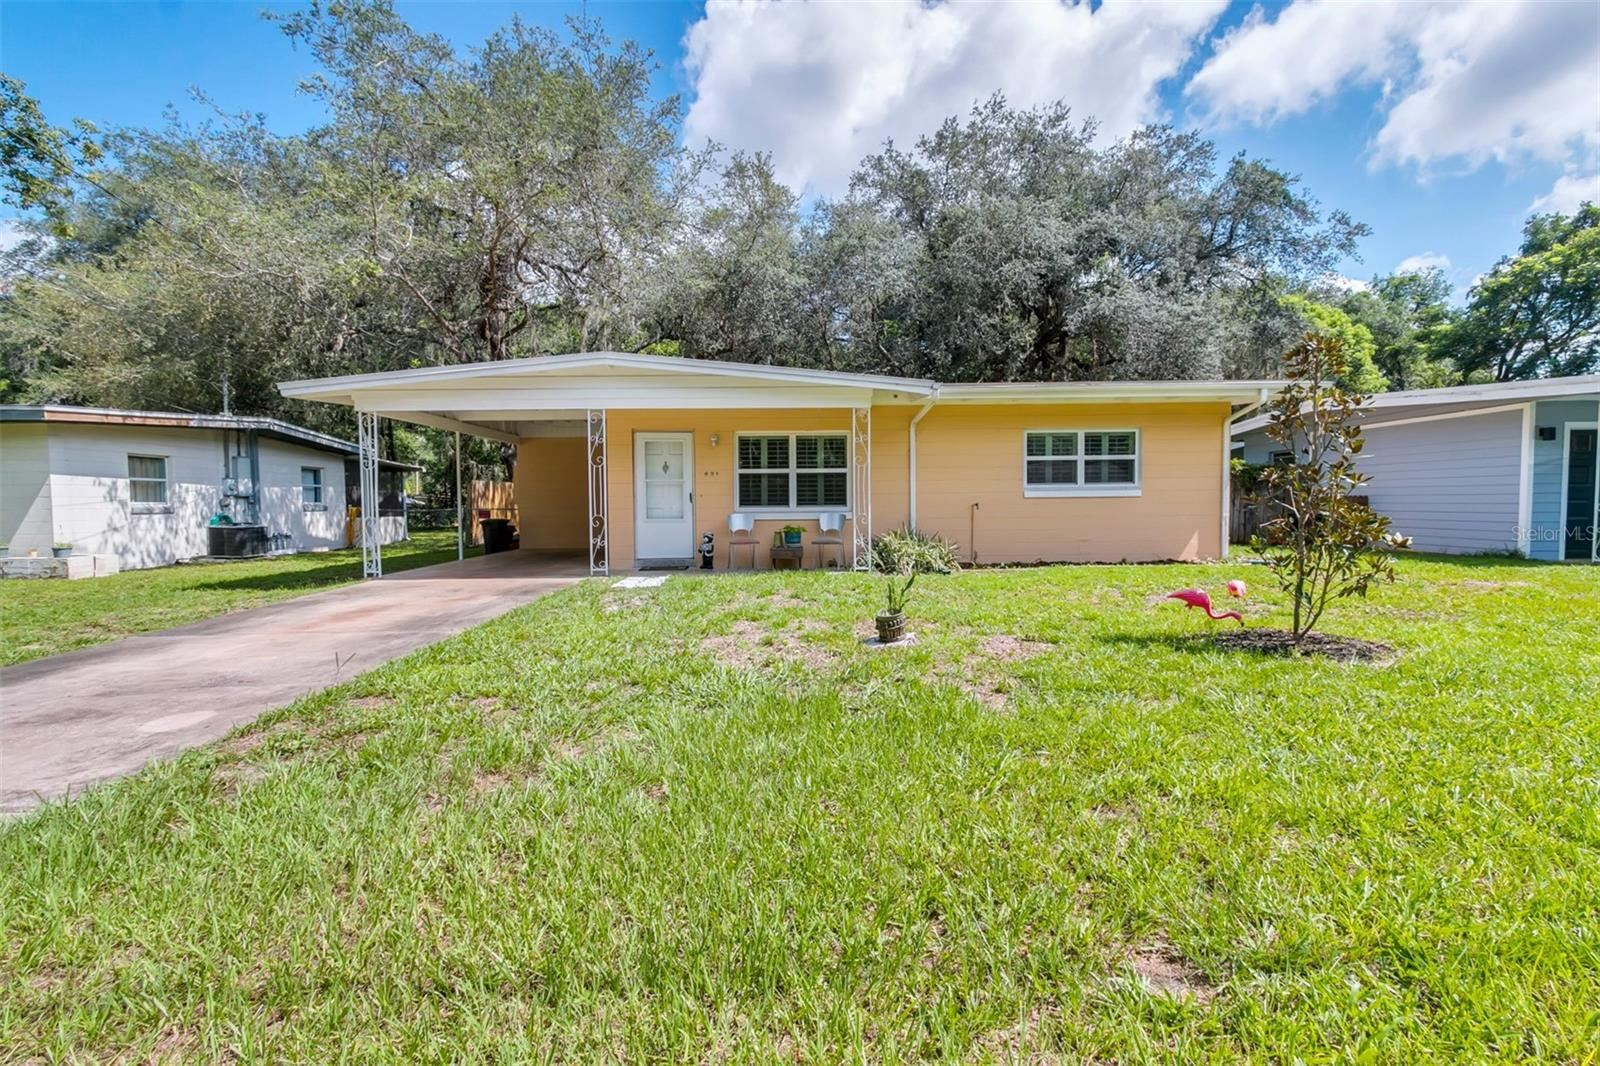 621 E HILLCREST STREET, Altamonte Springs, FL 32701 - #: O5961547